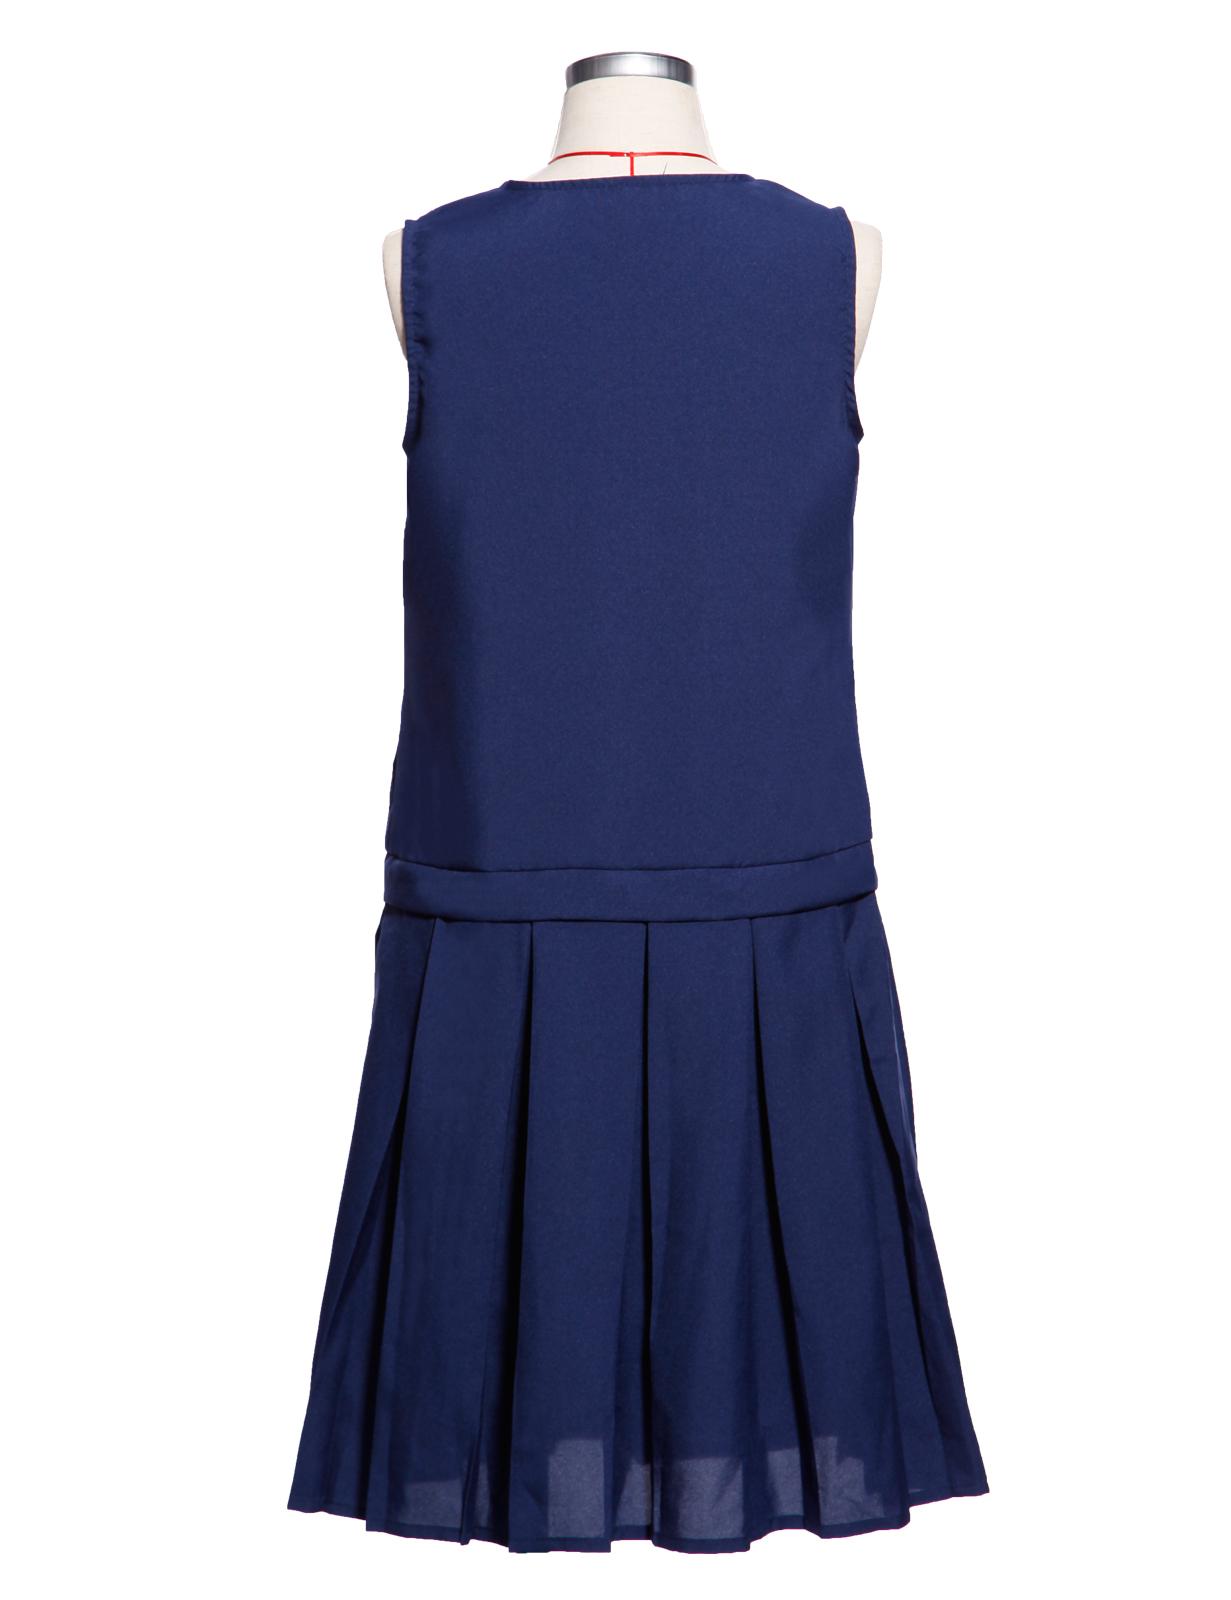 d84872a28e Ages 13-16 Girls Kids Summer Pinafore School Pleated Dress Uniform ...